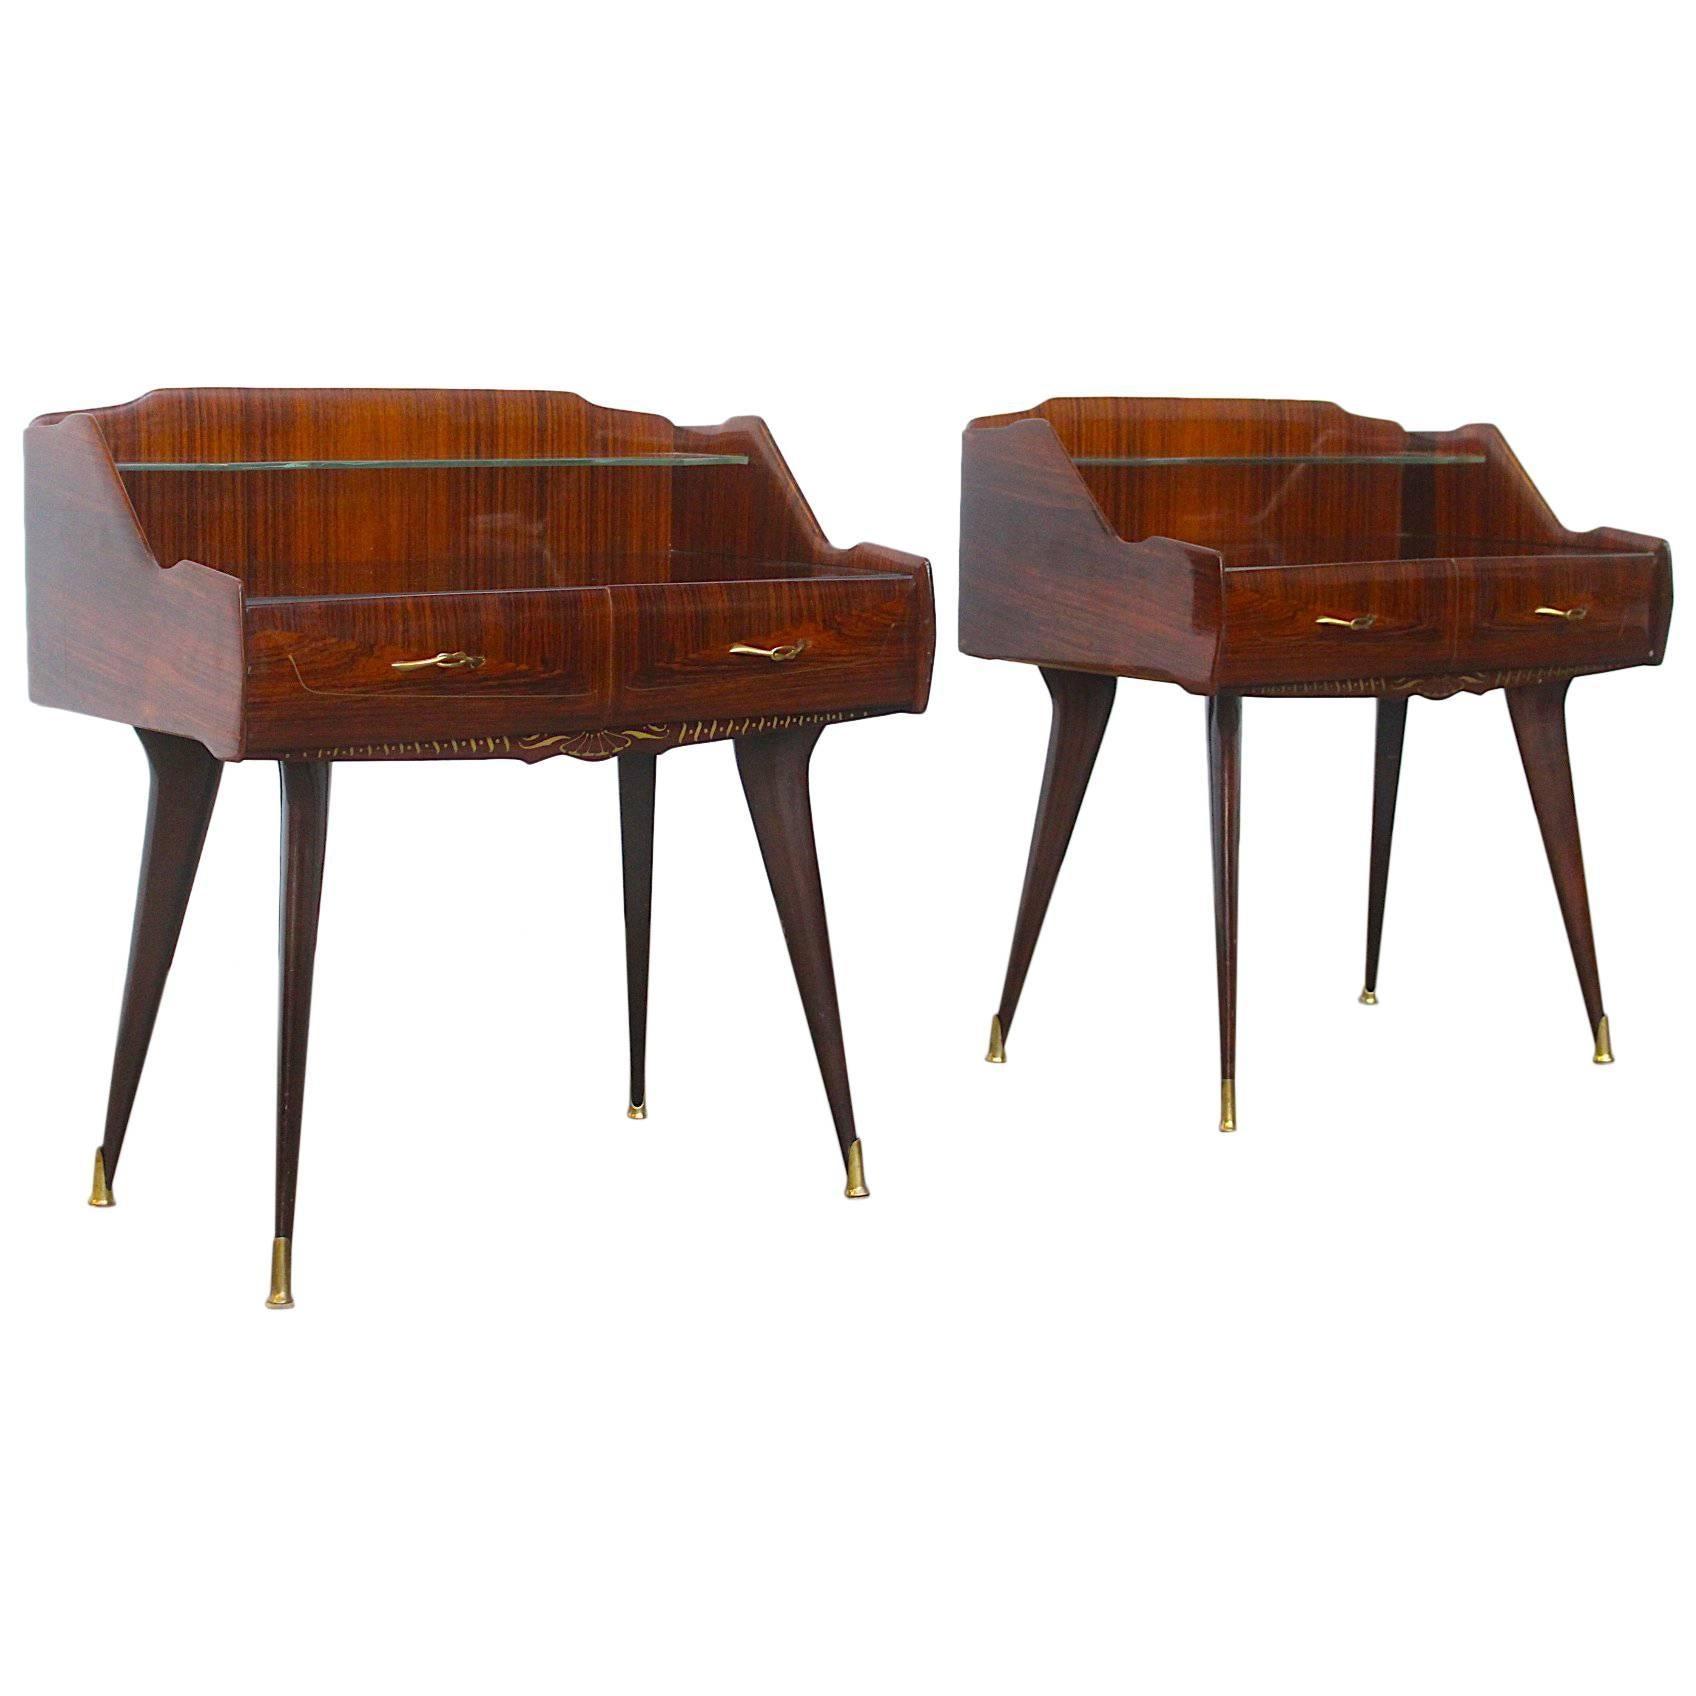 Paolo Buffa Style Pair of Stunning Italian Nightstands